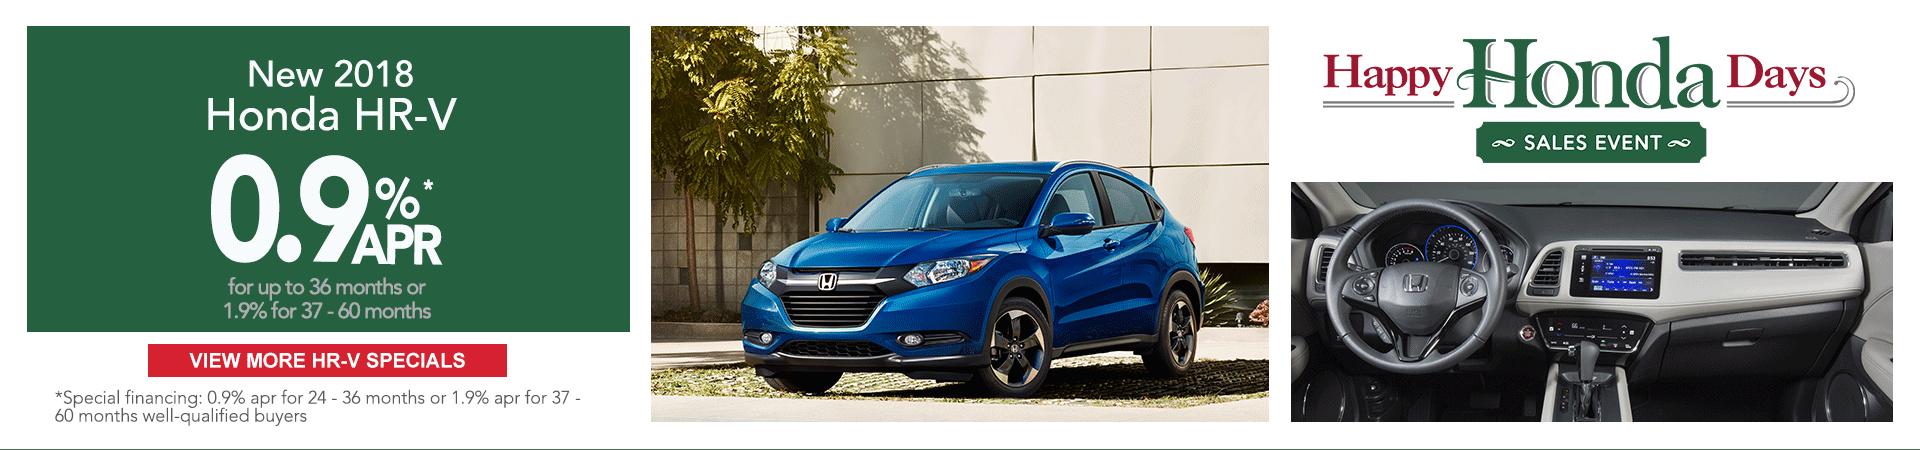 Honda HR-V finance specials